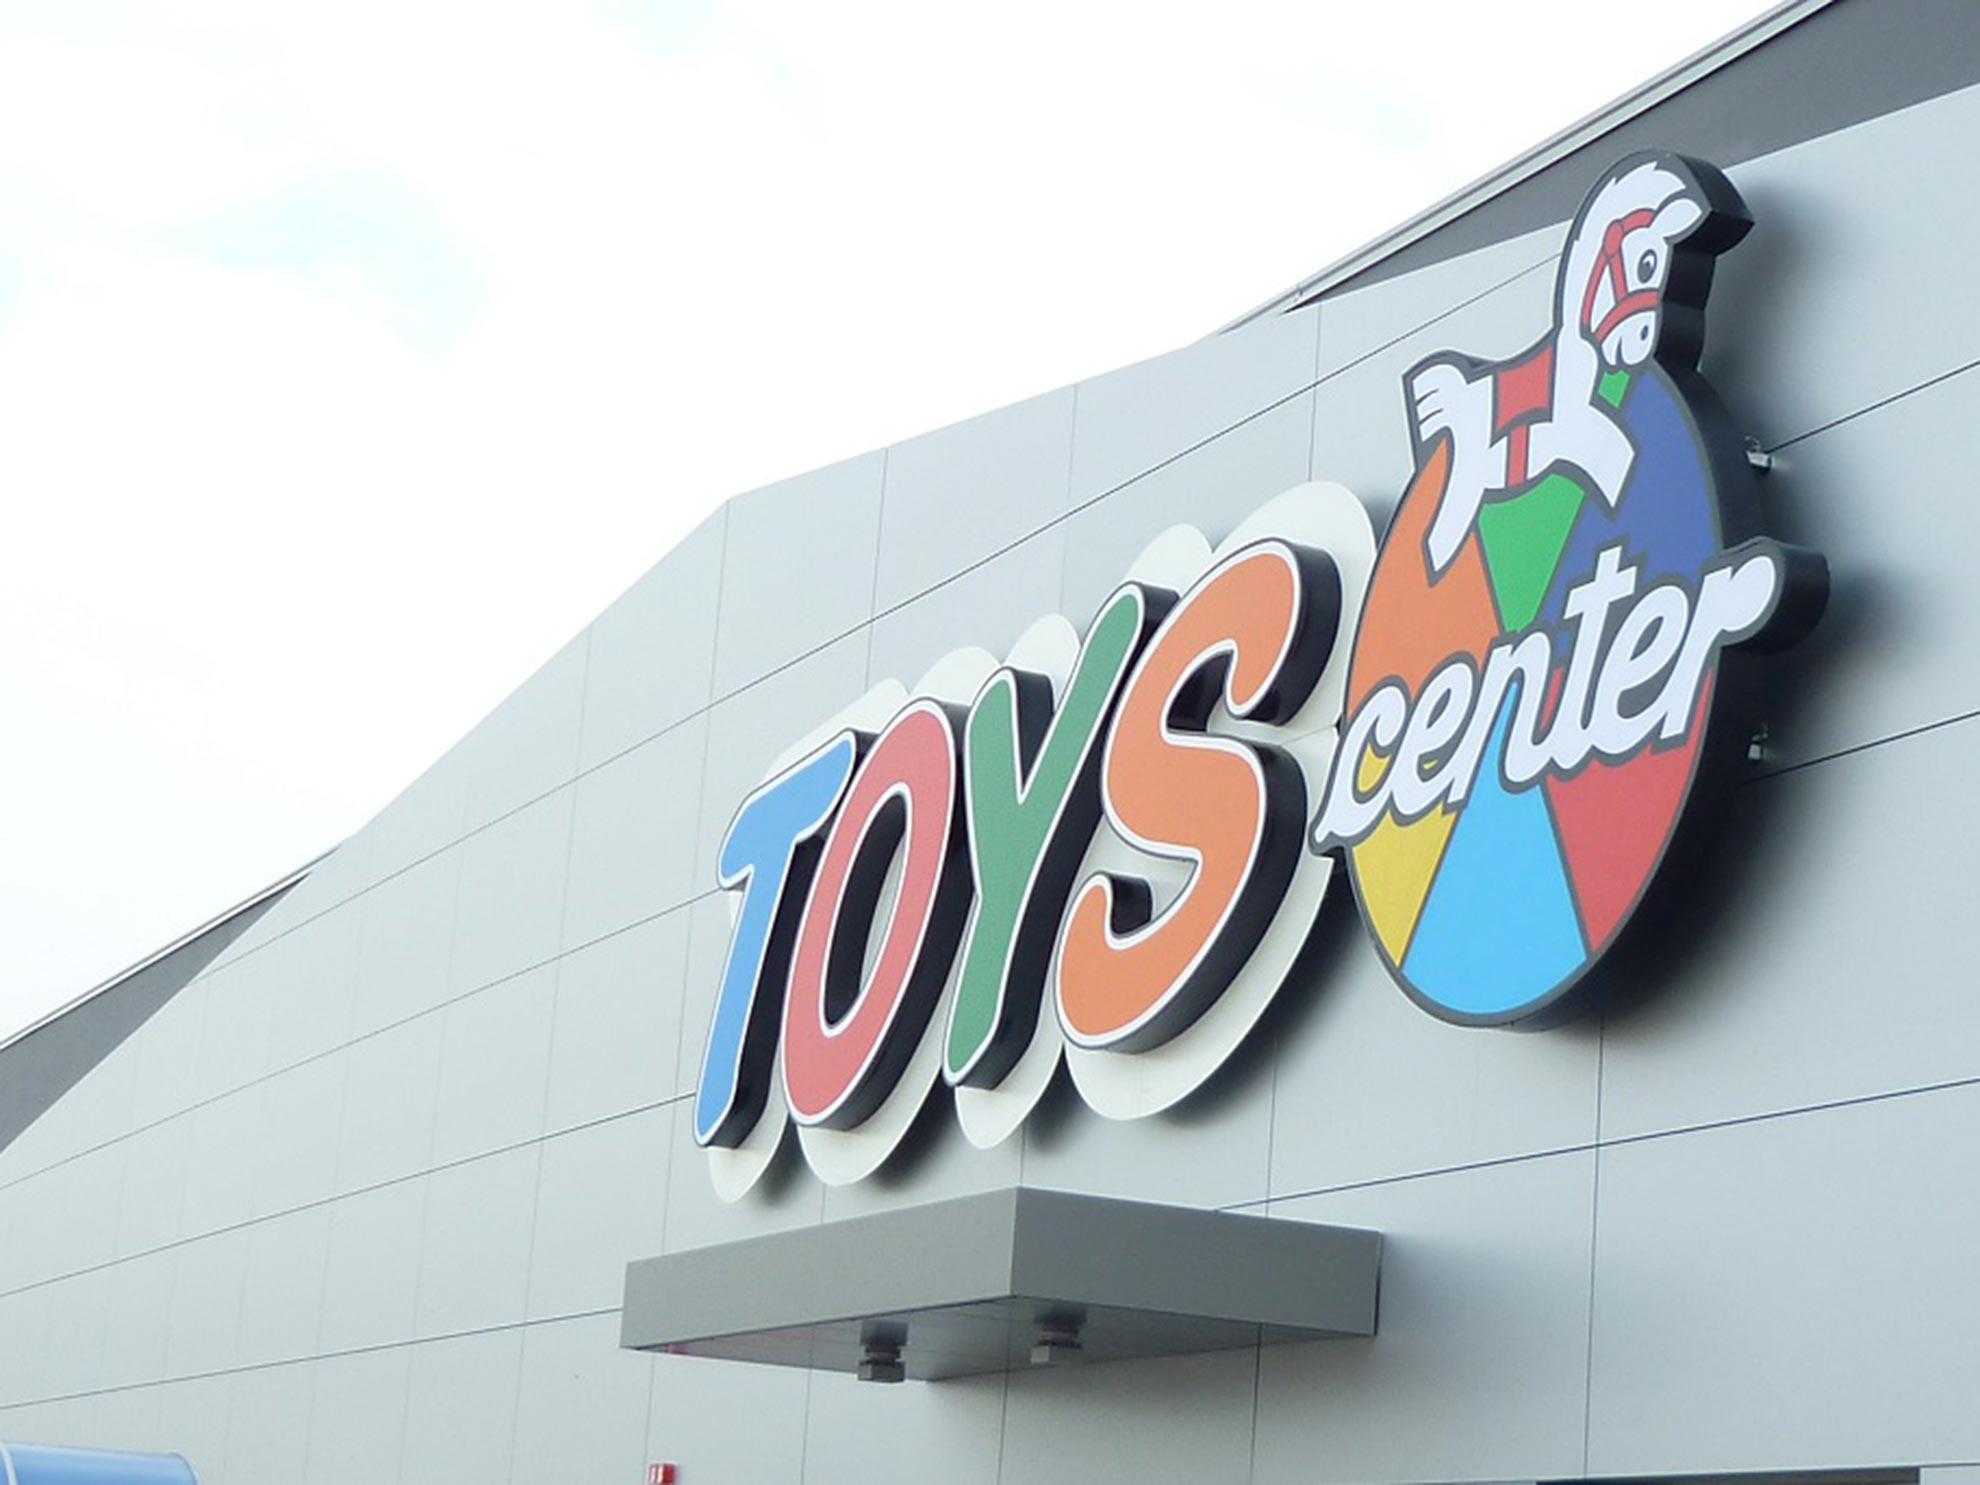 Centro-Comercial-Toys-Center.-Pescara-Italia.-Larson-PE-PVdF-Silver-metalli-1_1591959858.jpg